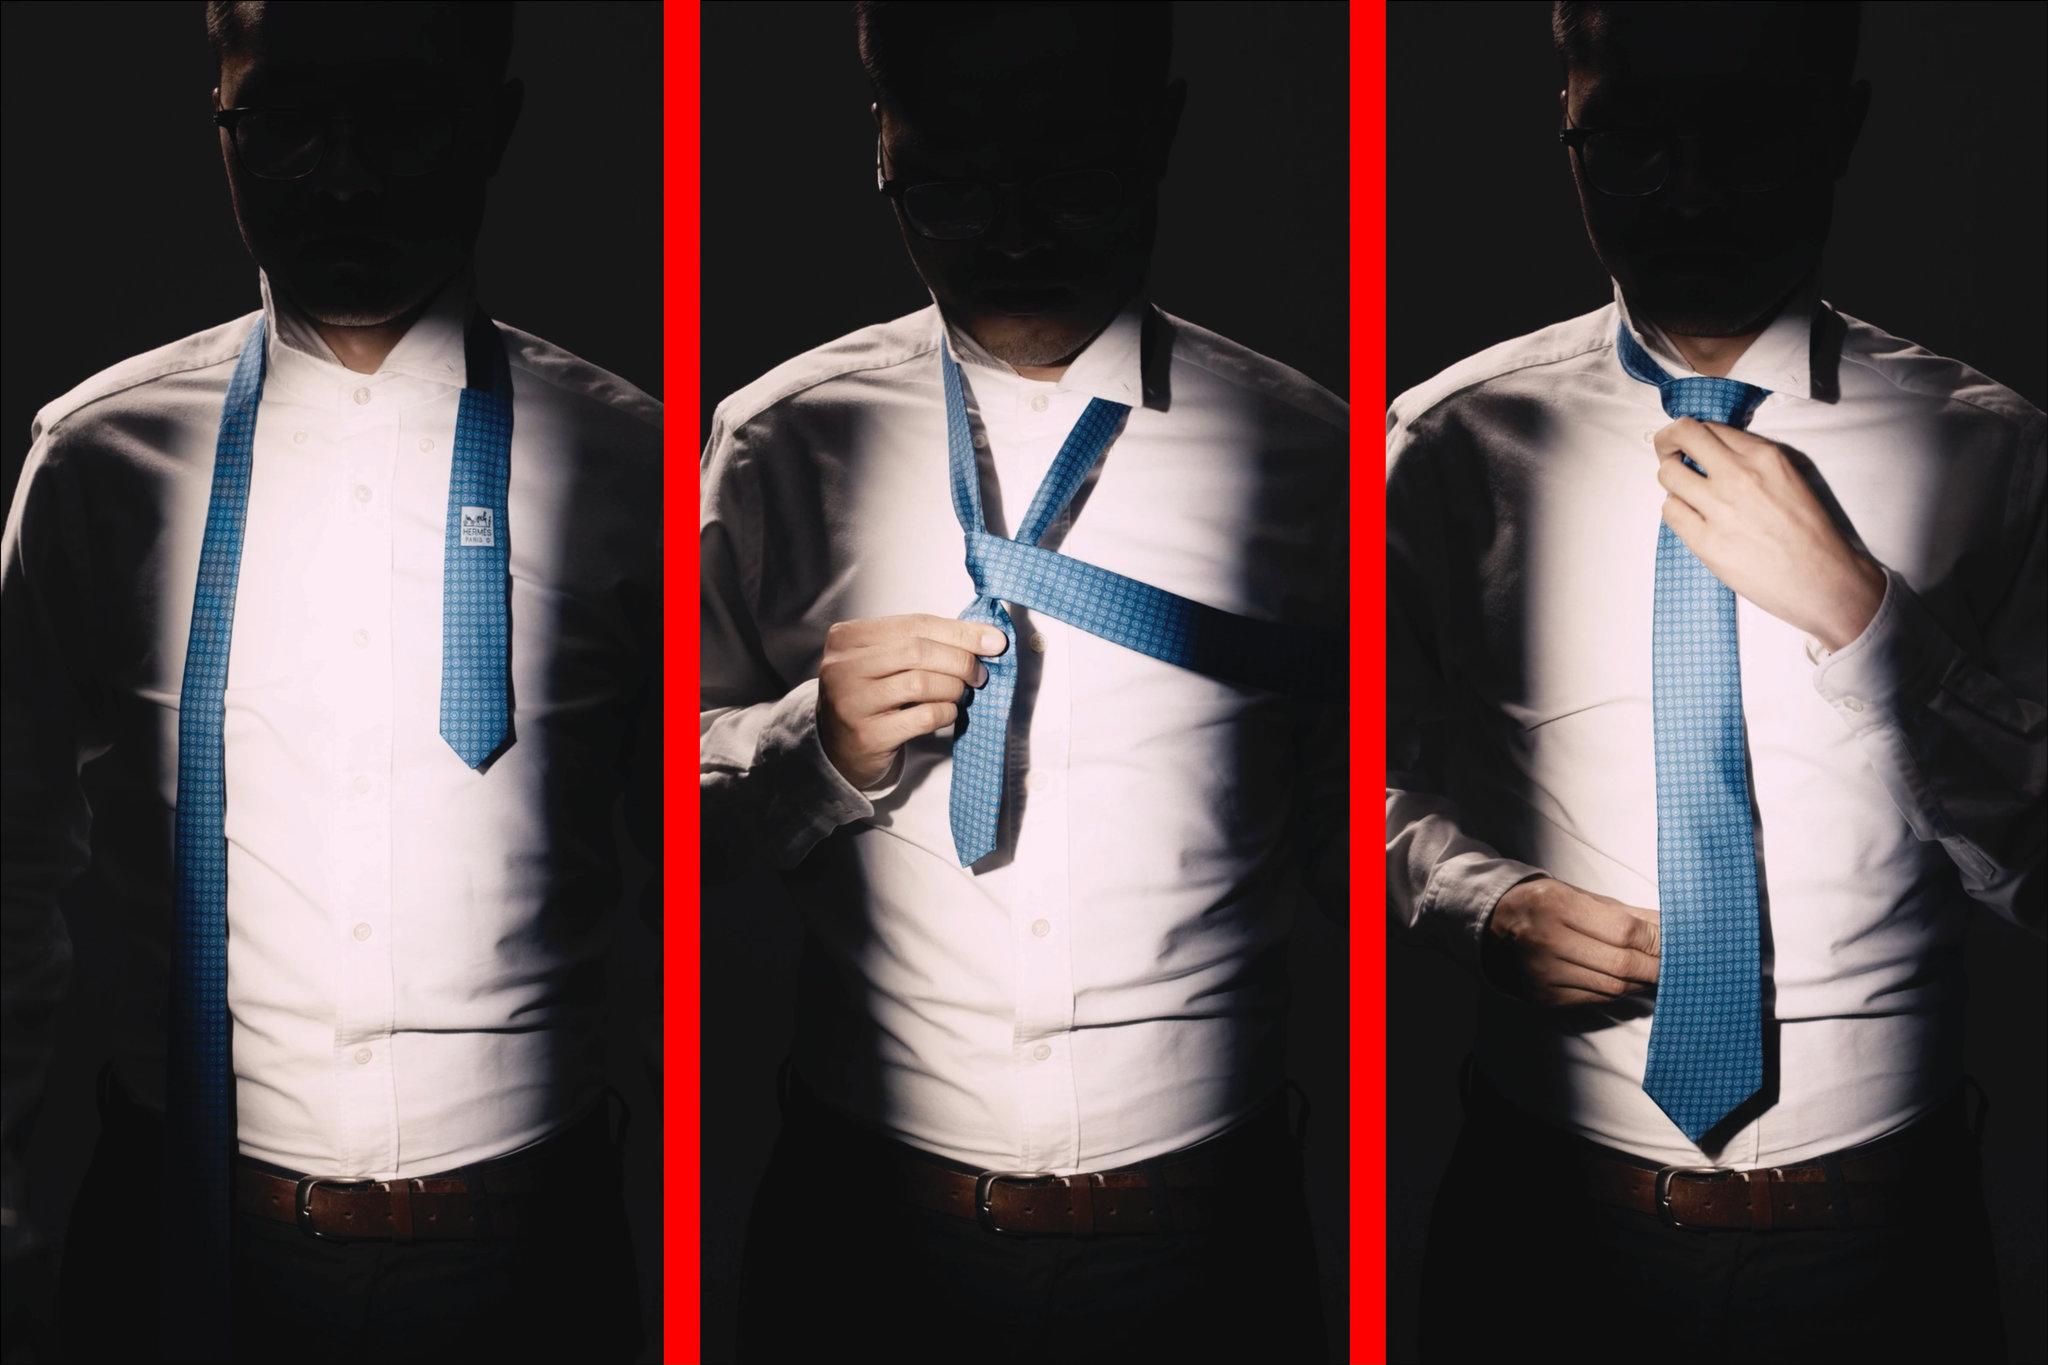 टाई बांधने के तरीके (Tie Badhane Ke Tarike)